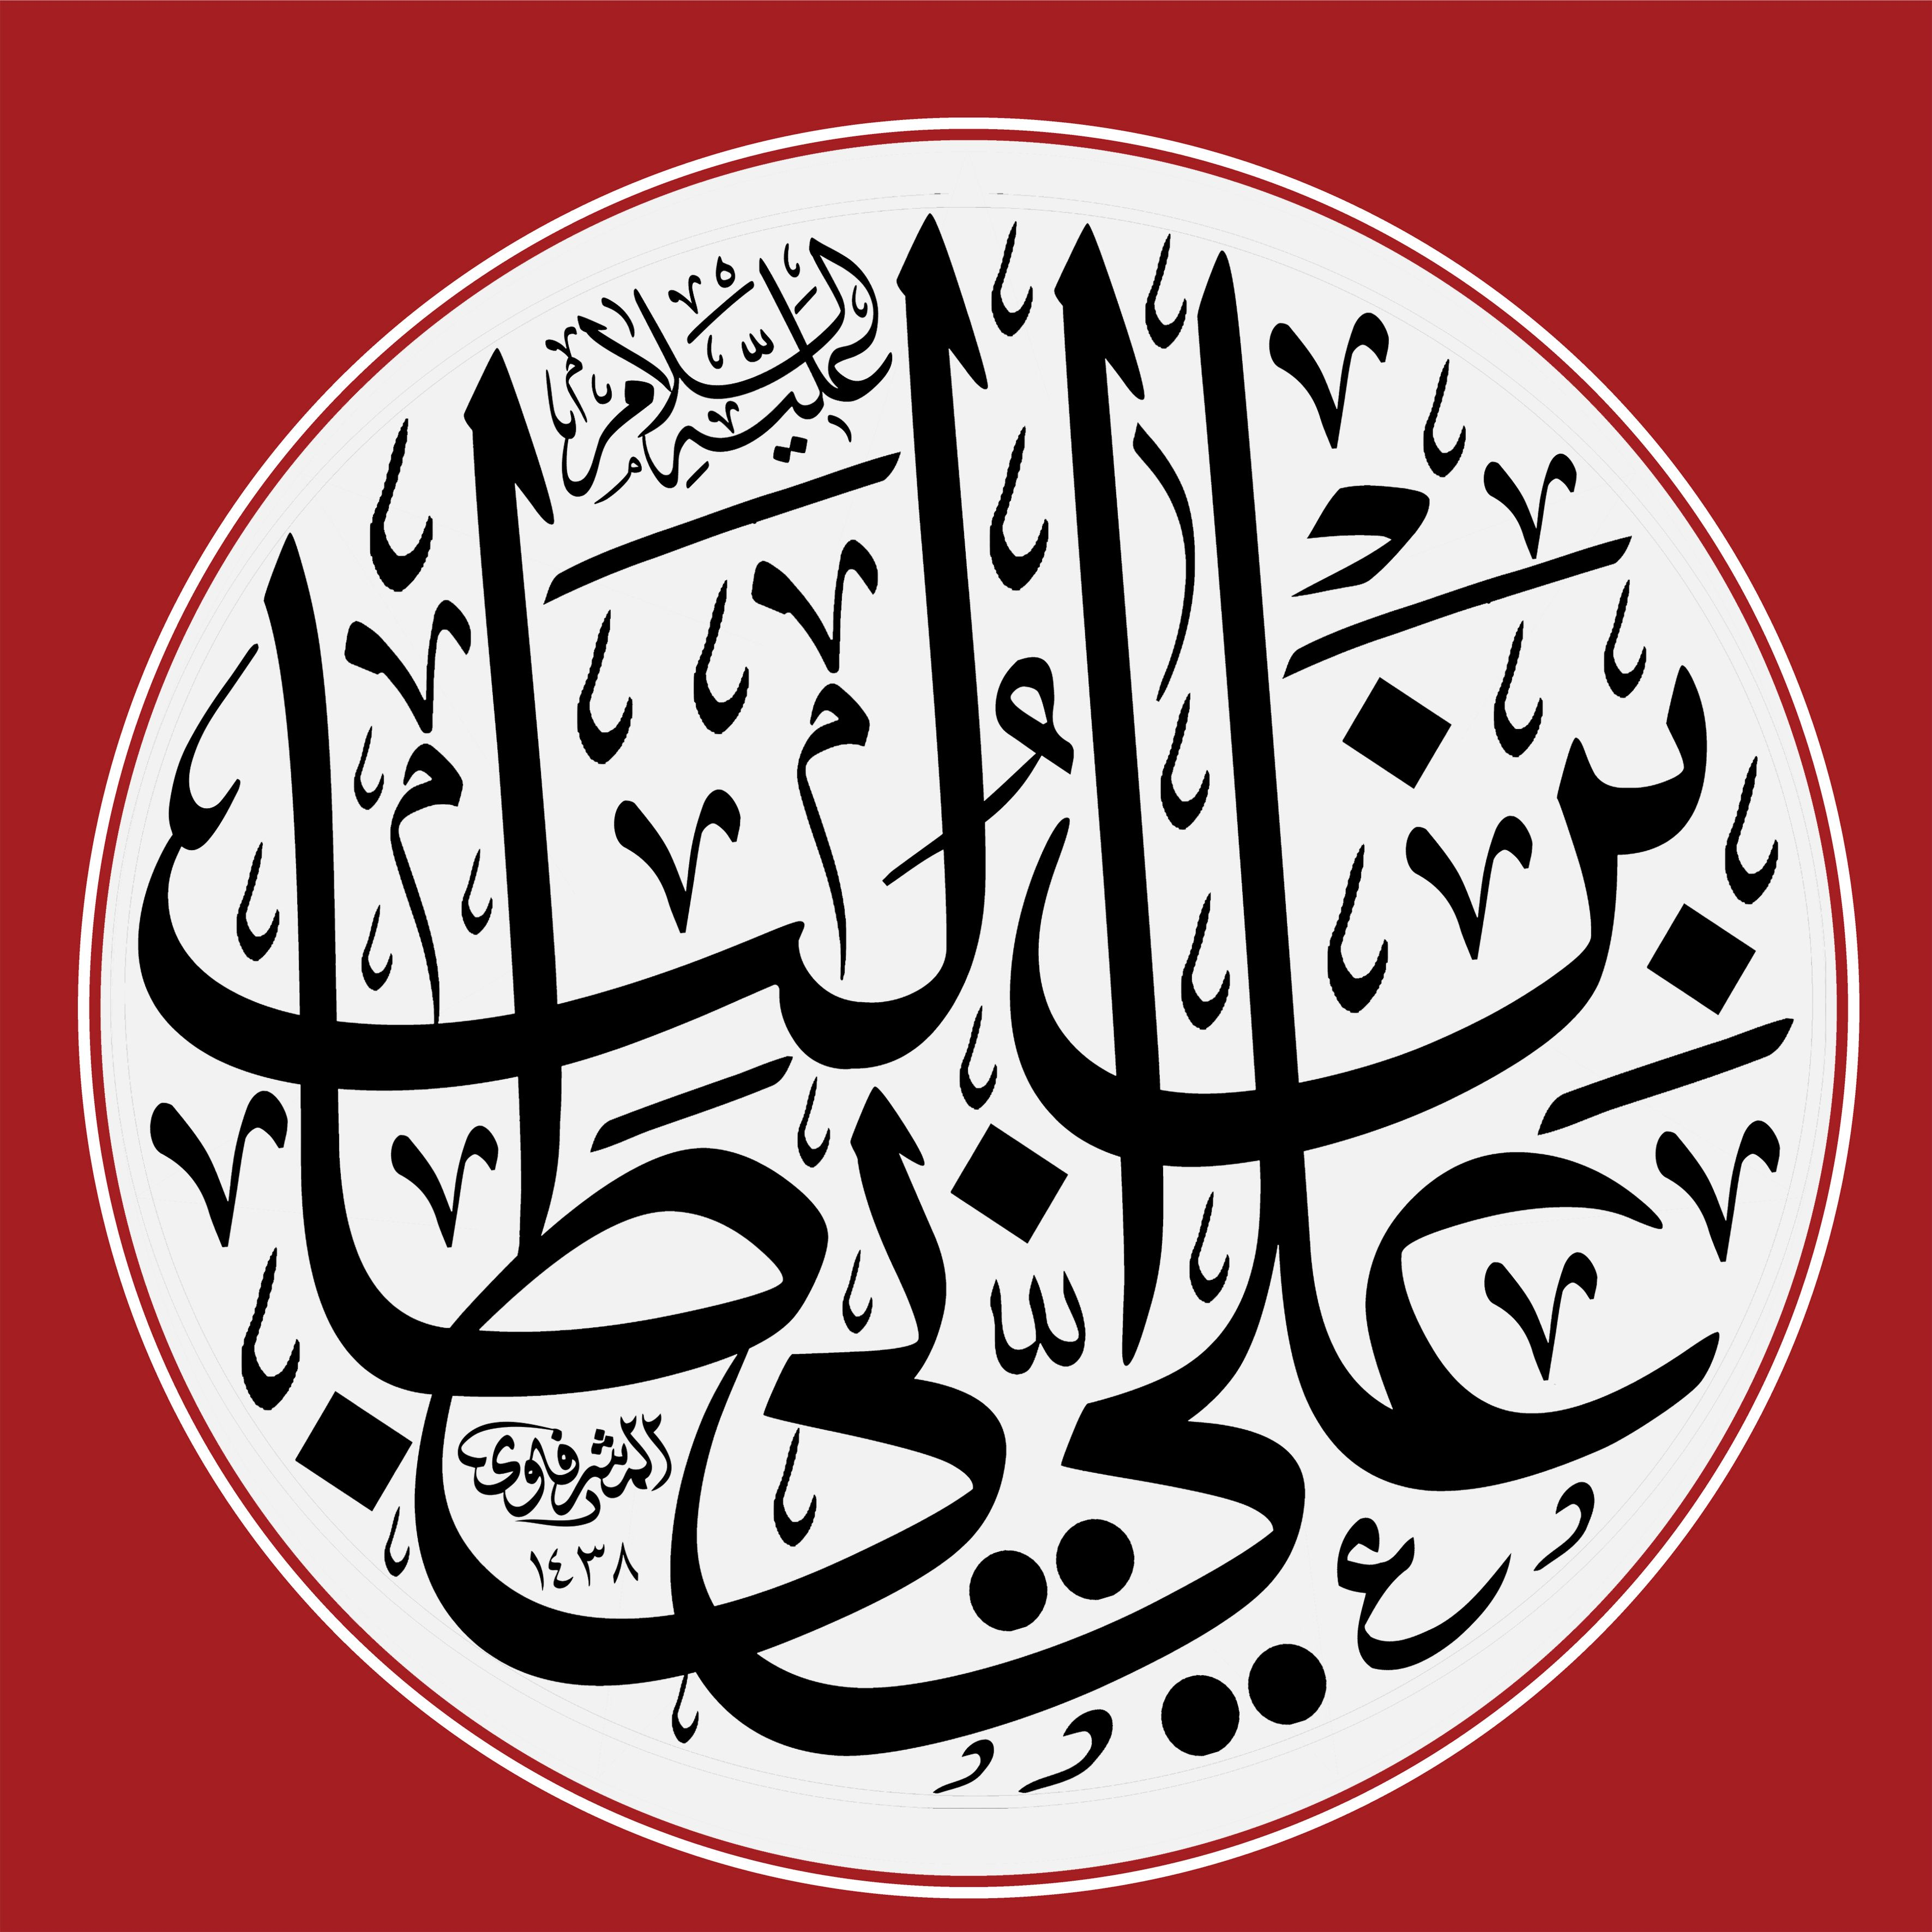 الامام علي بن ابي طالب عليه السلام الخطاط محمد الحسني المشرفاوي Islamic Calligraphy Islamic Art Calligraphy Islamic Art